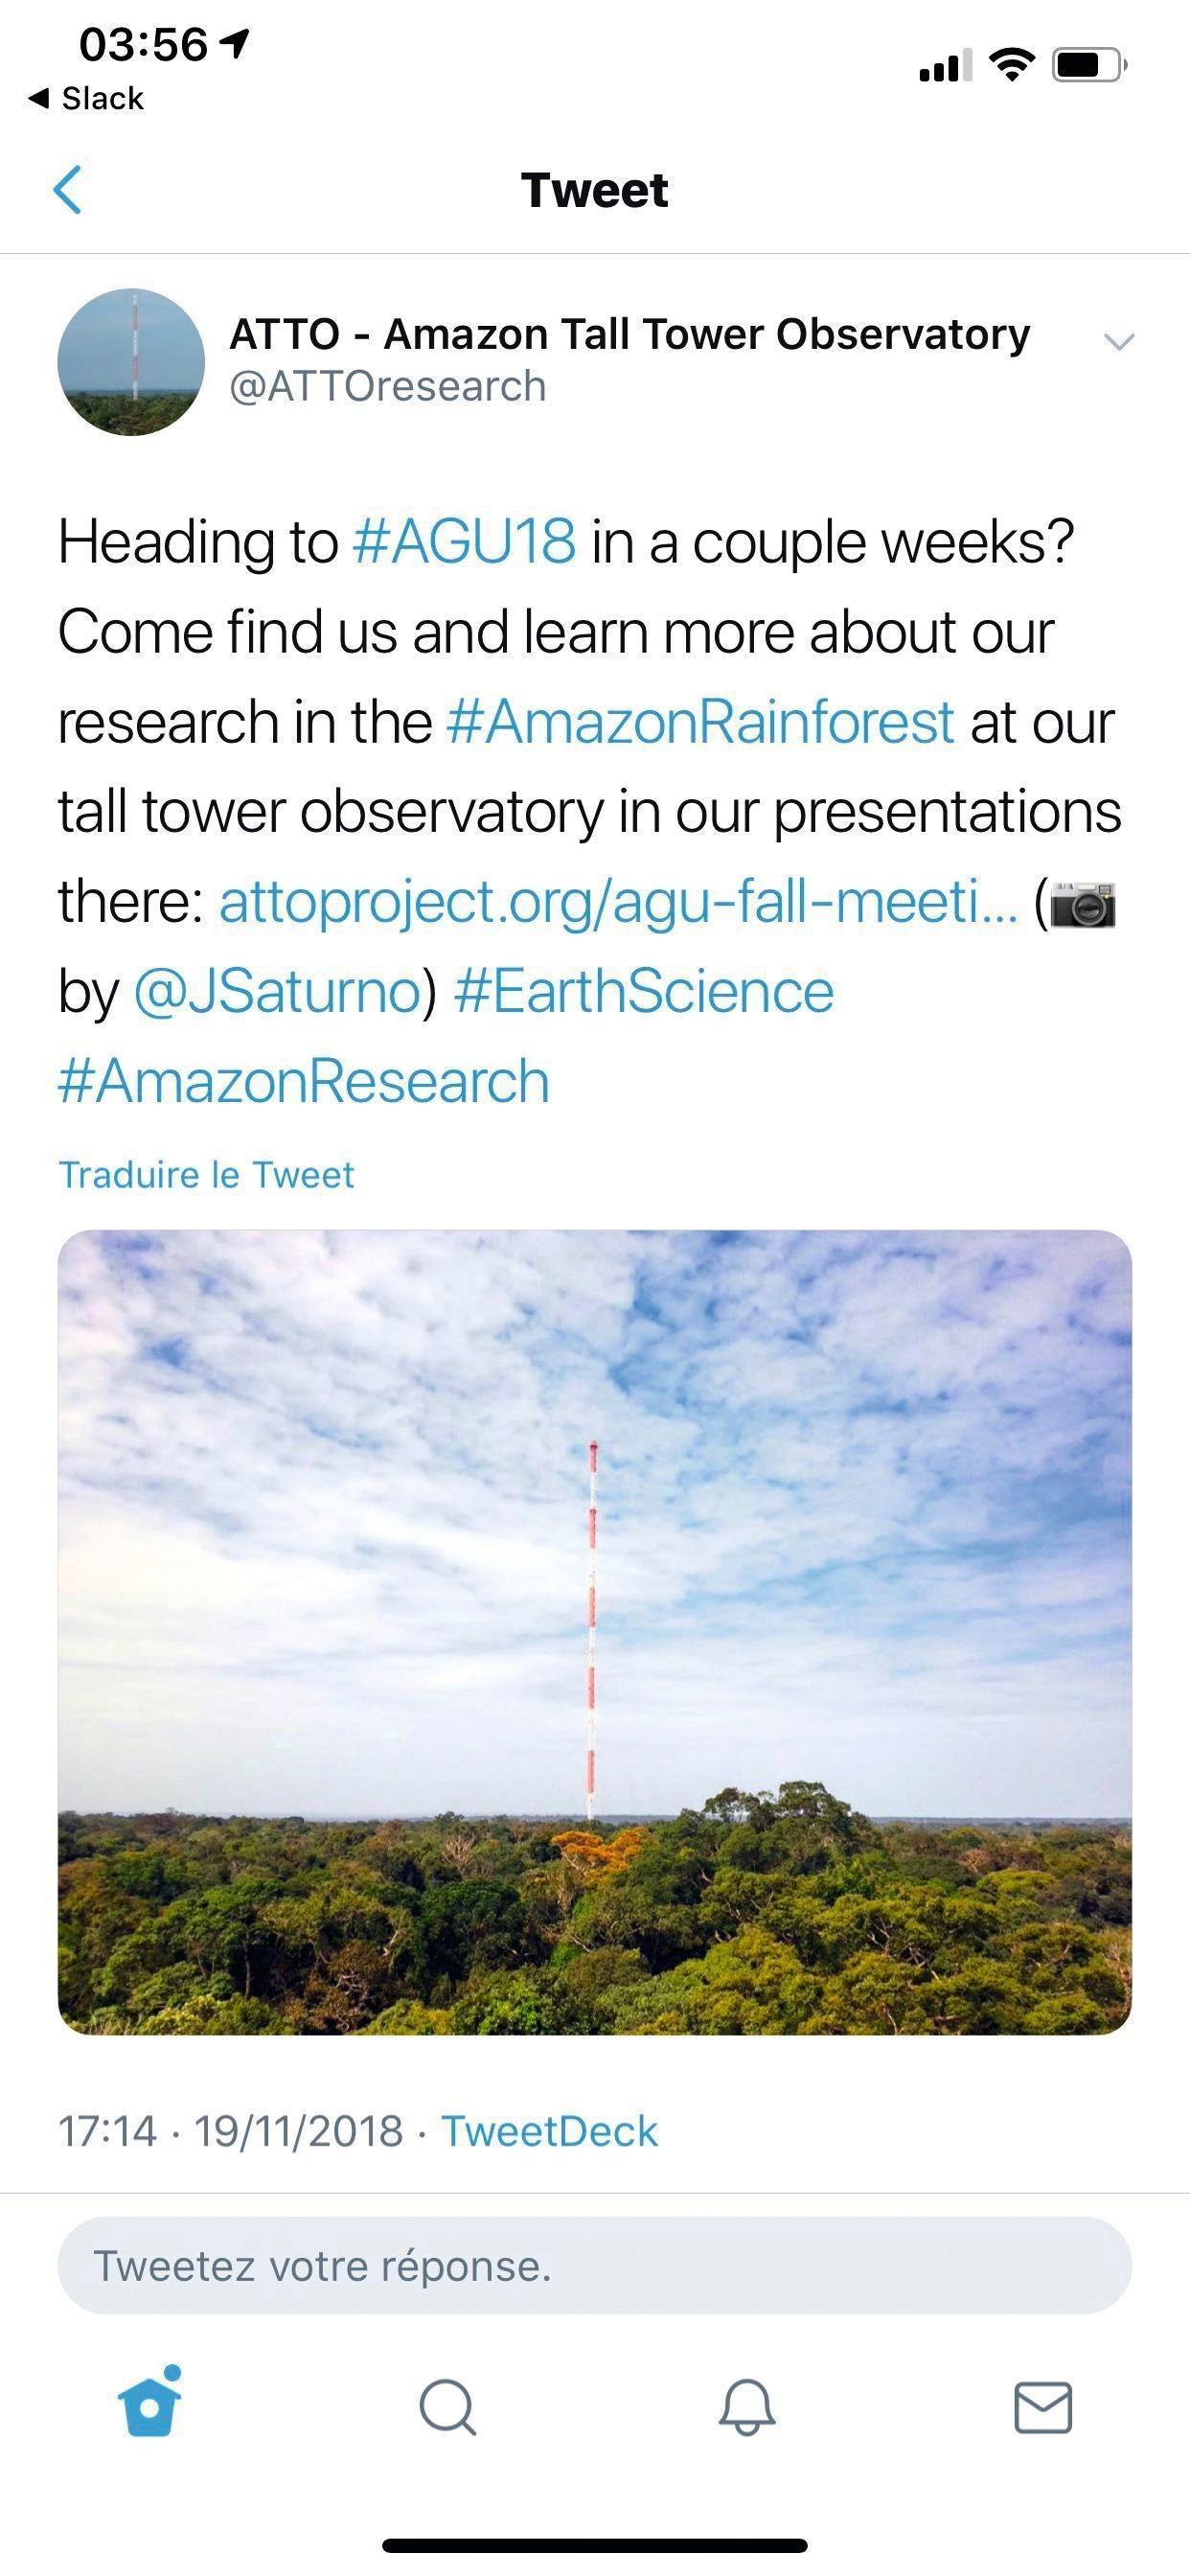 Tweet, Un intérêt scientifique majeur